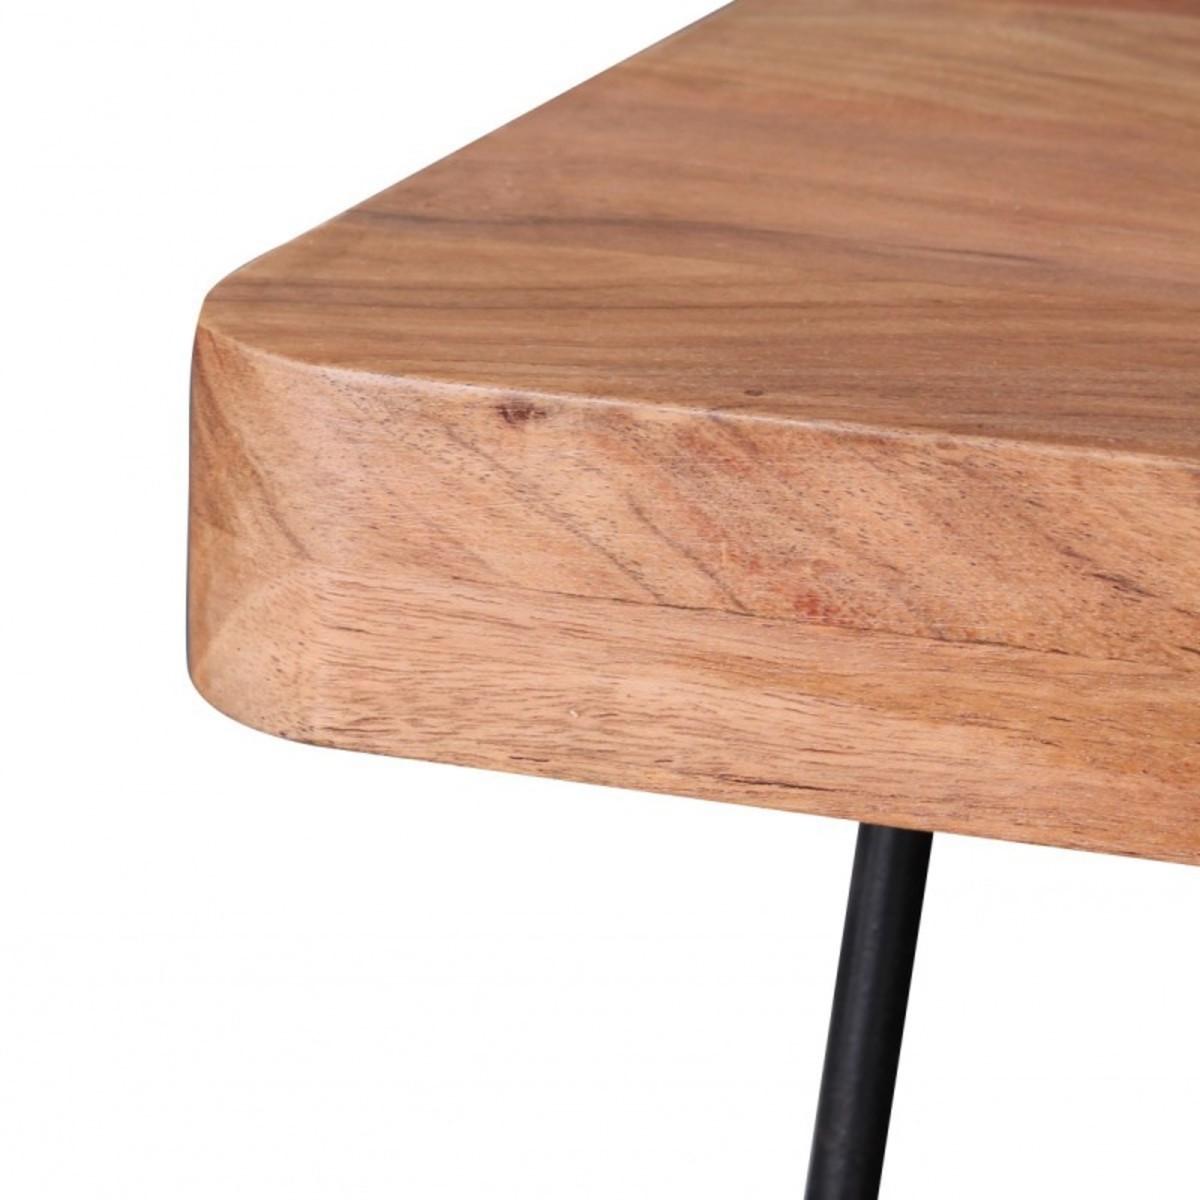 Bild 5 von Wohnling Massivholz Akazie Esstisch 200 x 80 x 76 cm Küchentisch Massiv